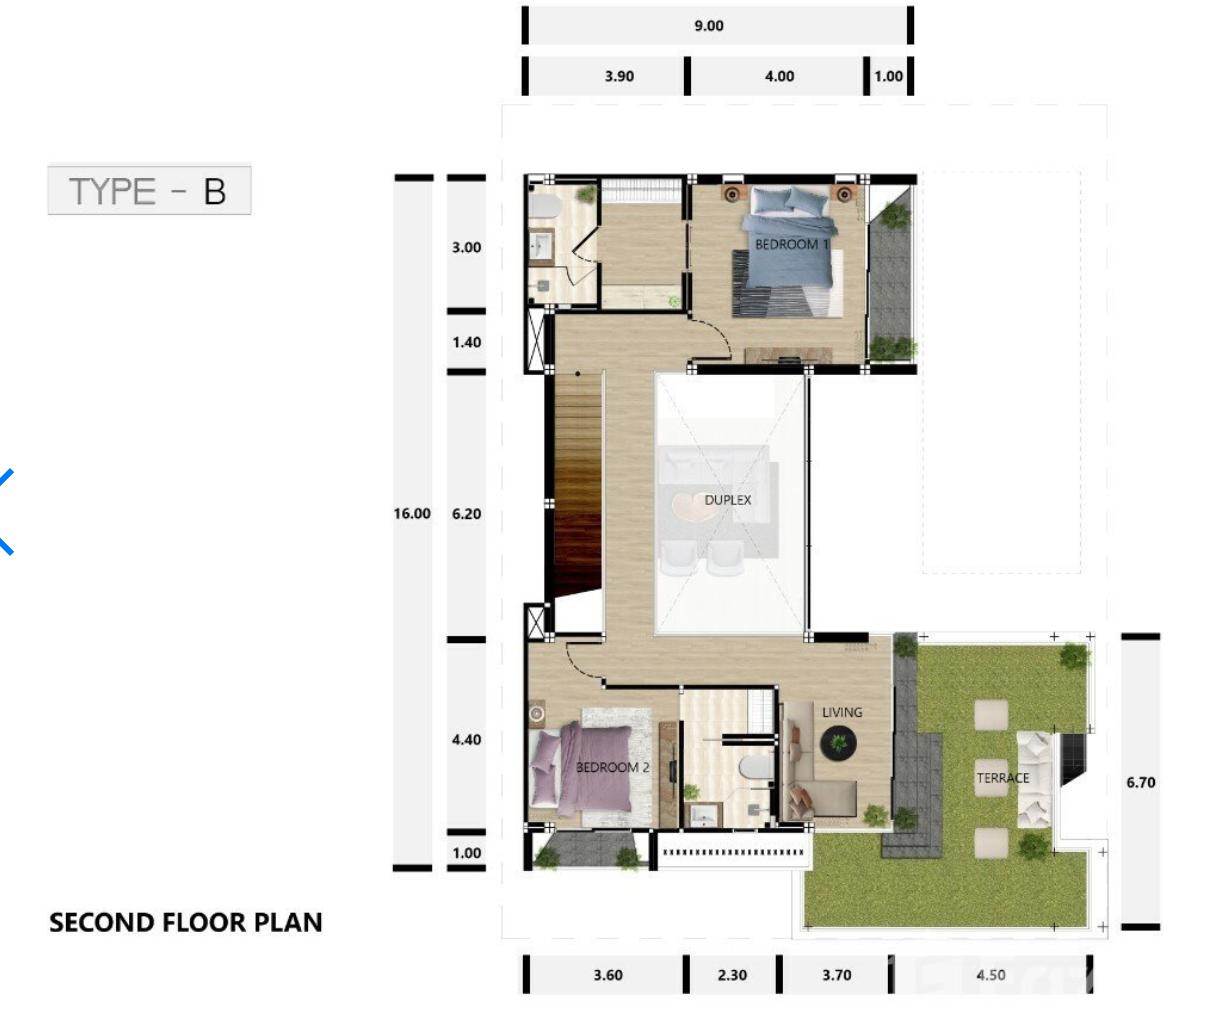 Type B 2nd floor